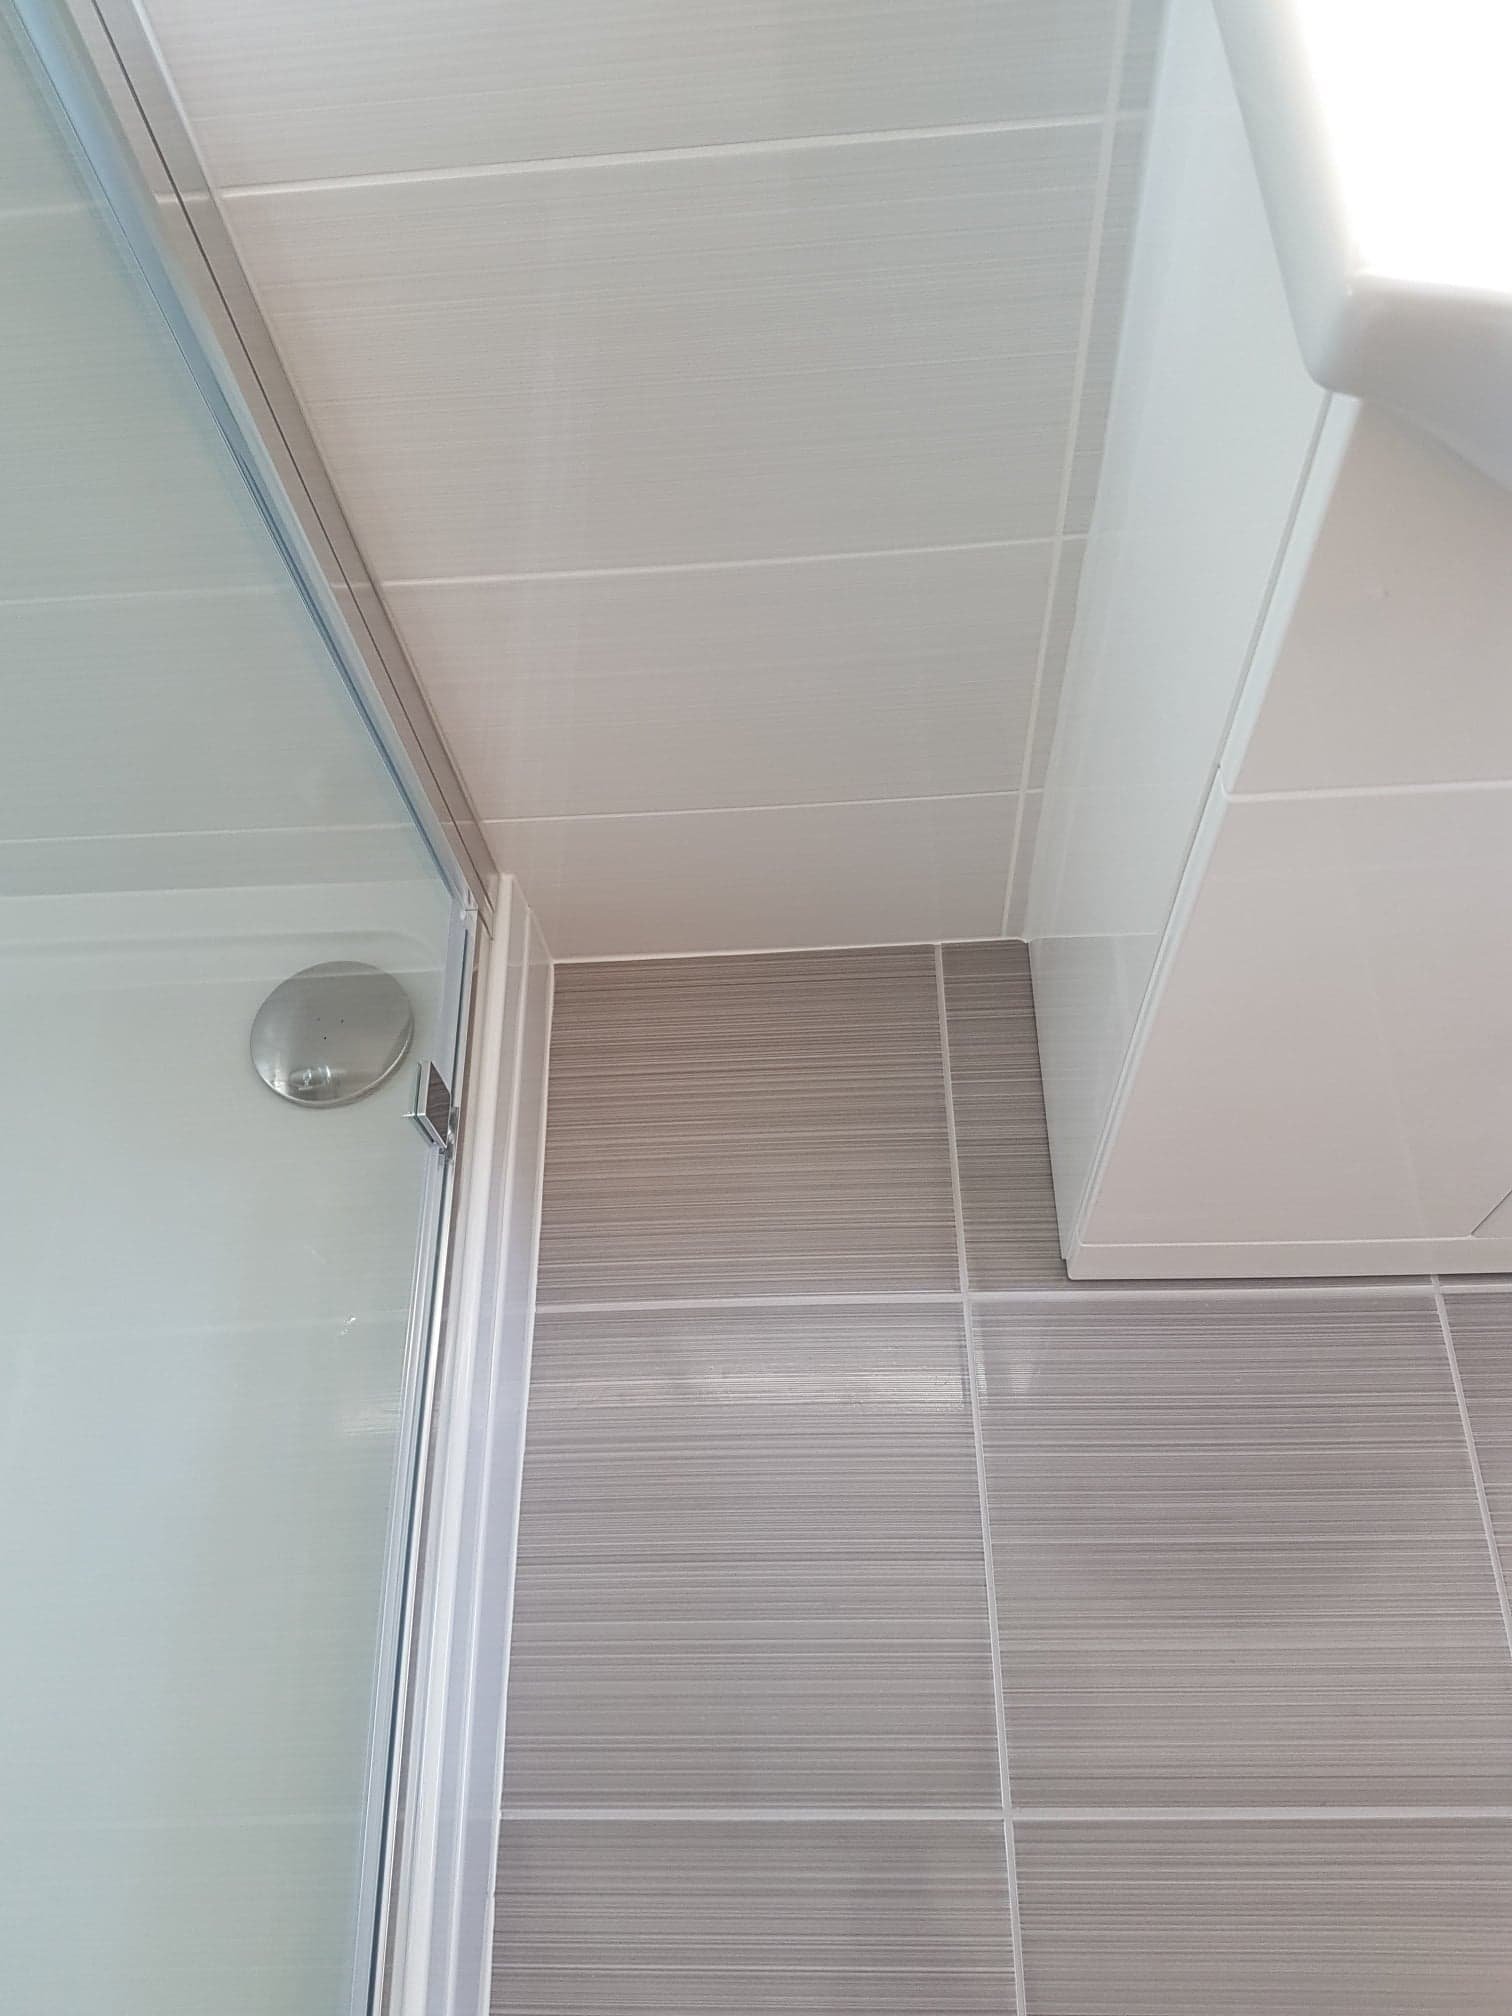 bathroom tiling affordable in eastbourne